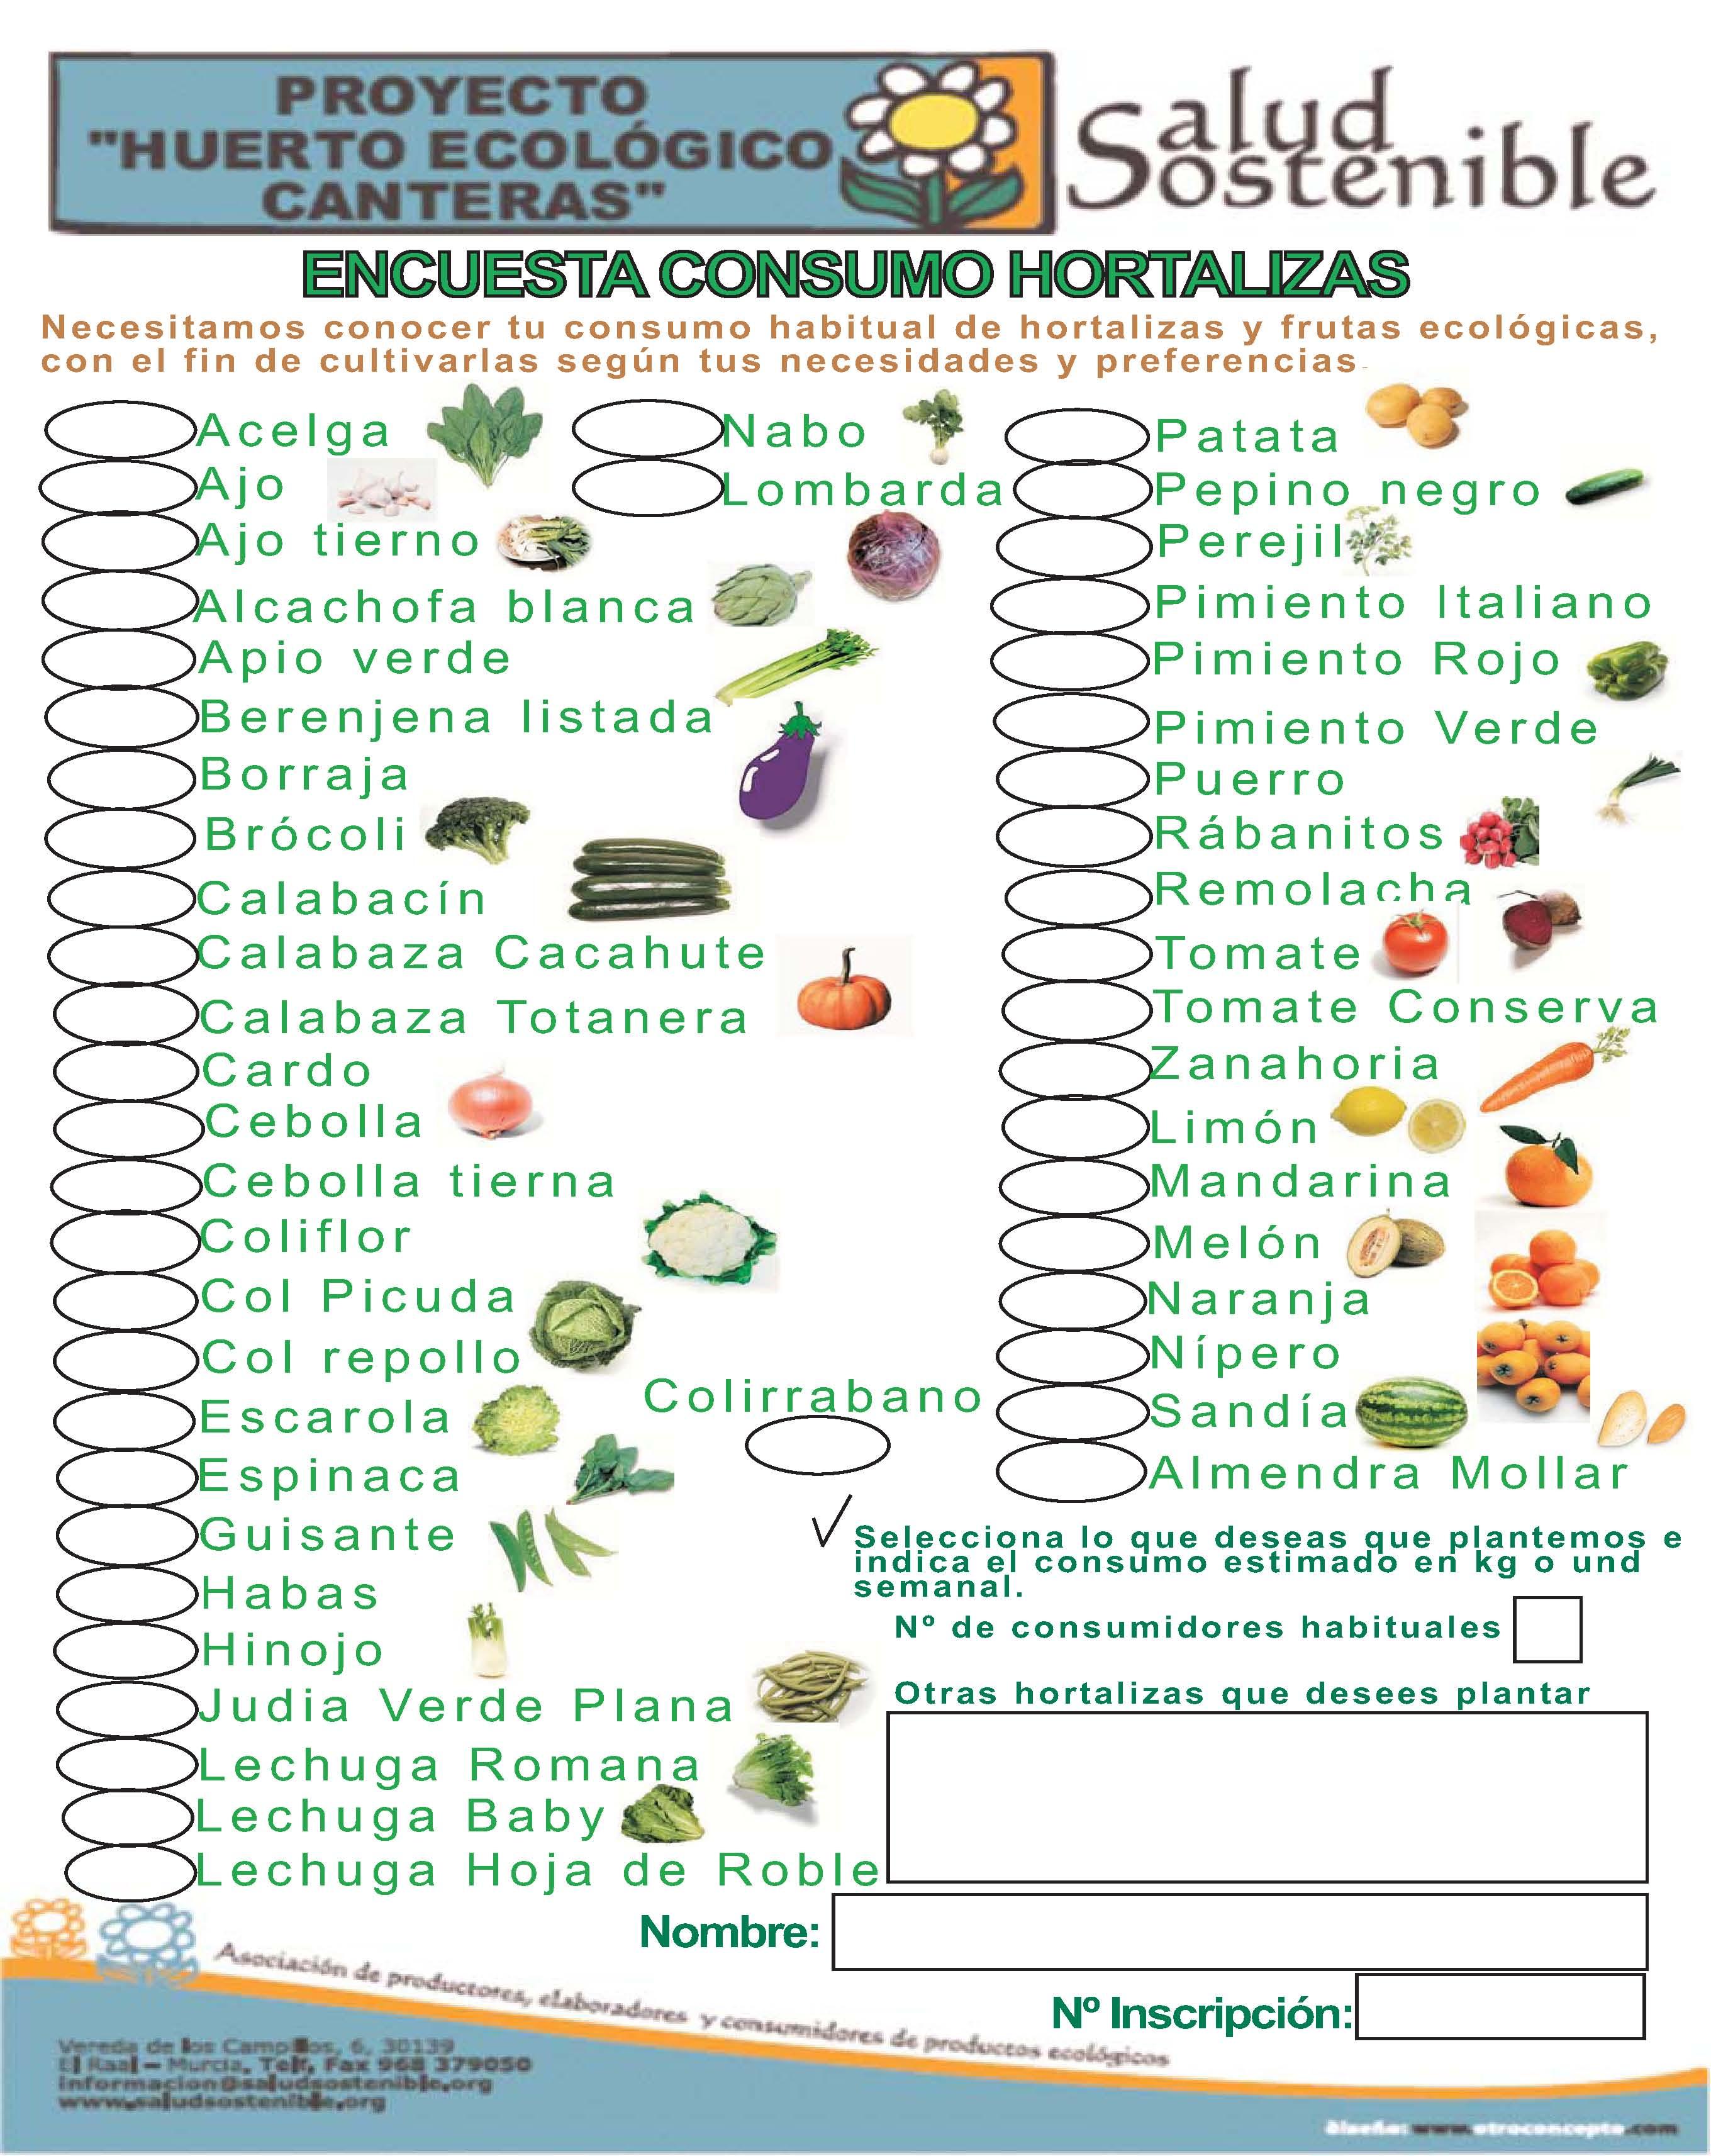 Encuesta consumo hortalizas asociaci n salud sostenible for Asociacion de hortalizas